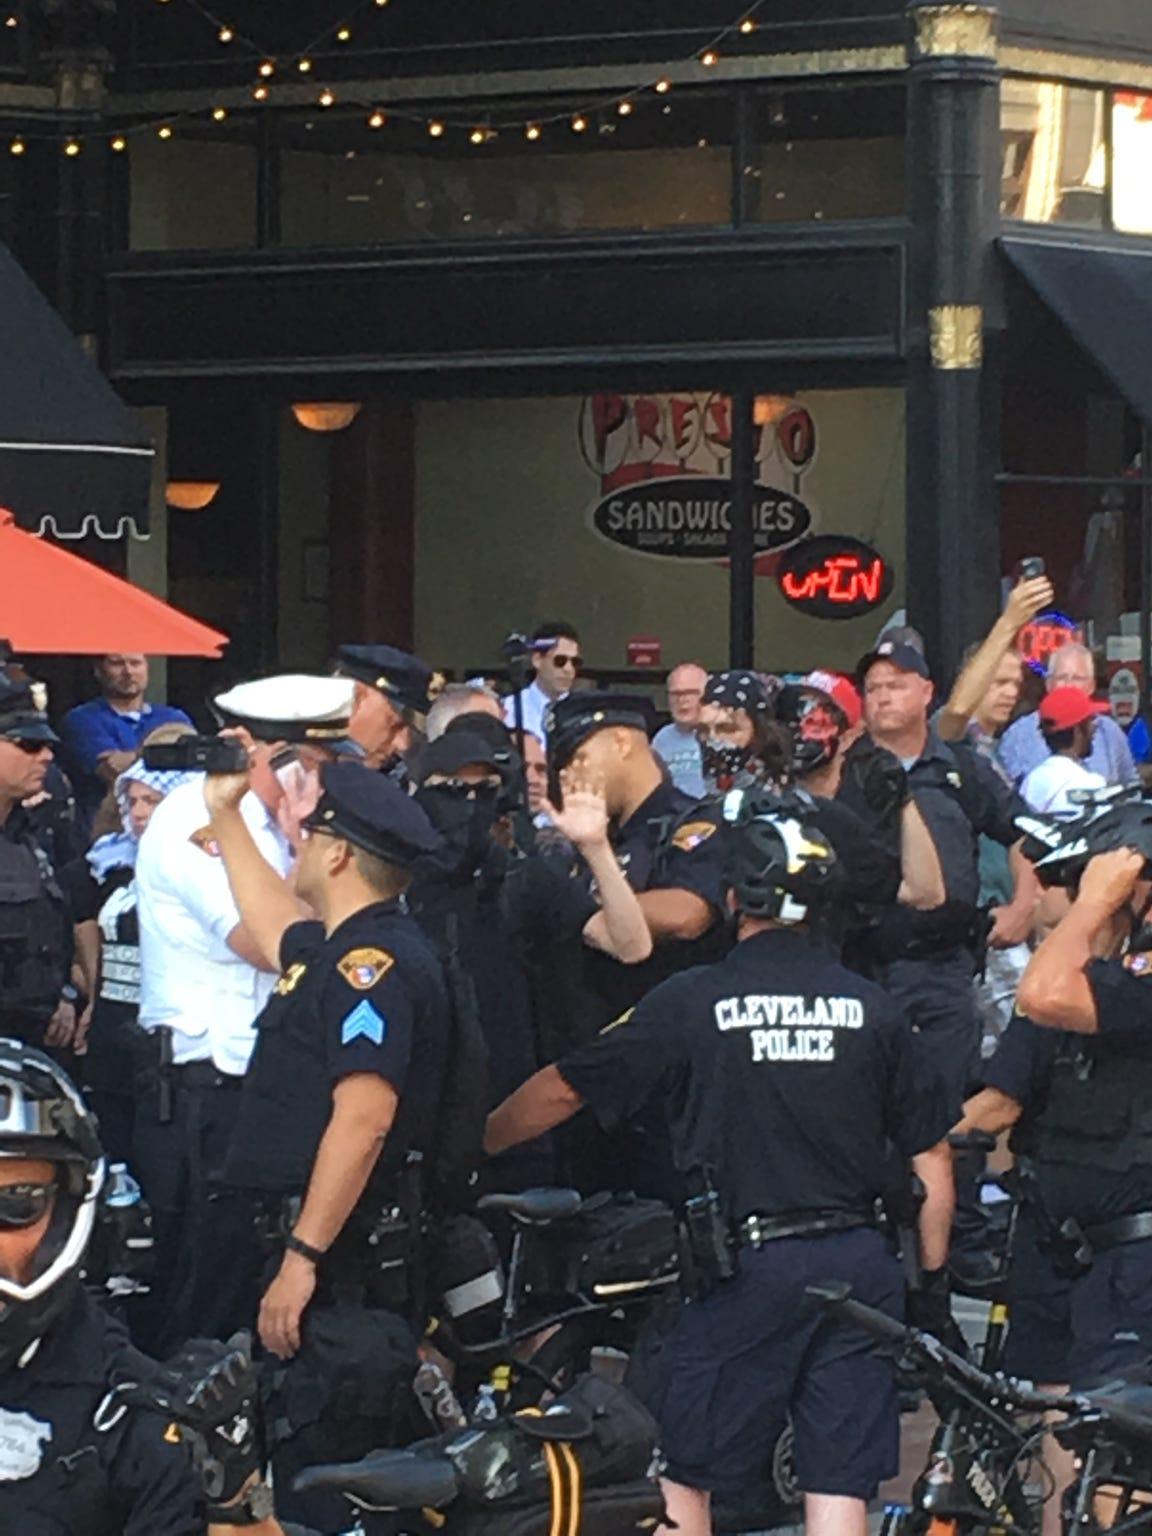 Protestors at the RNC